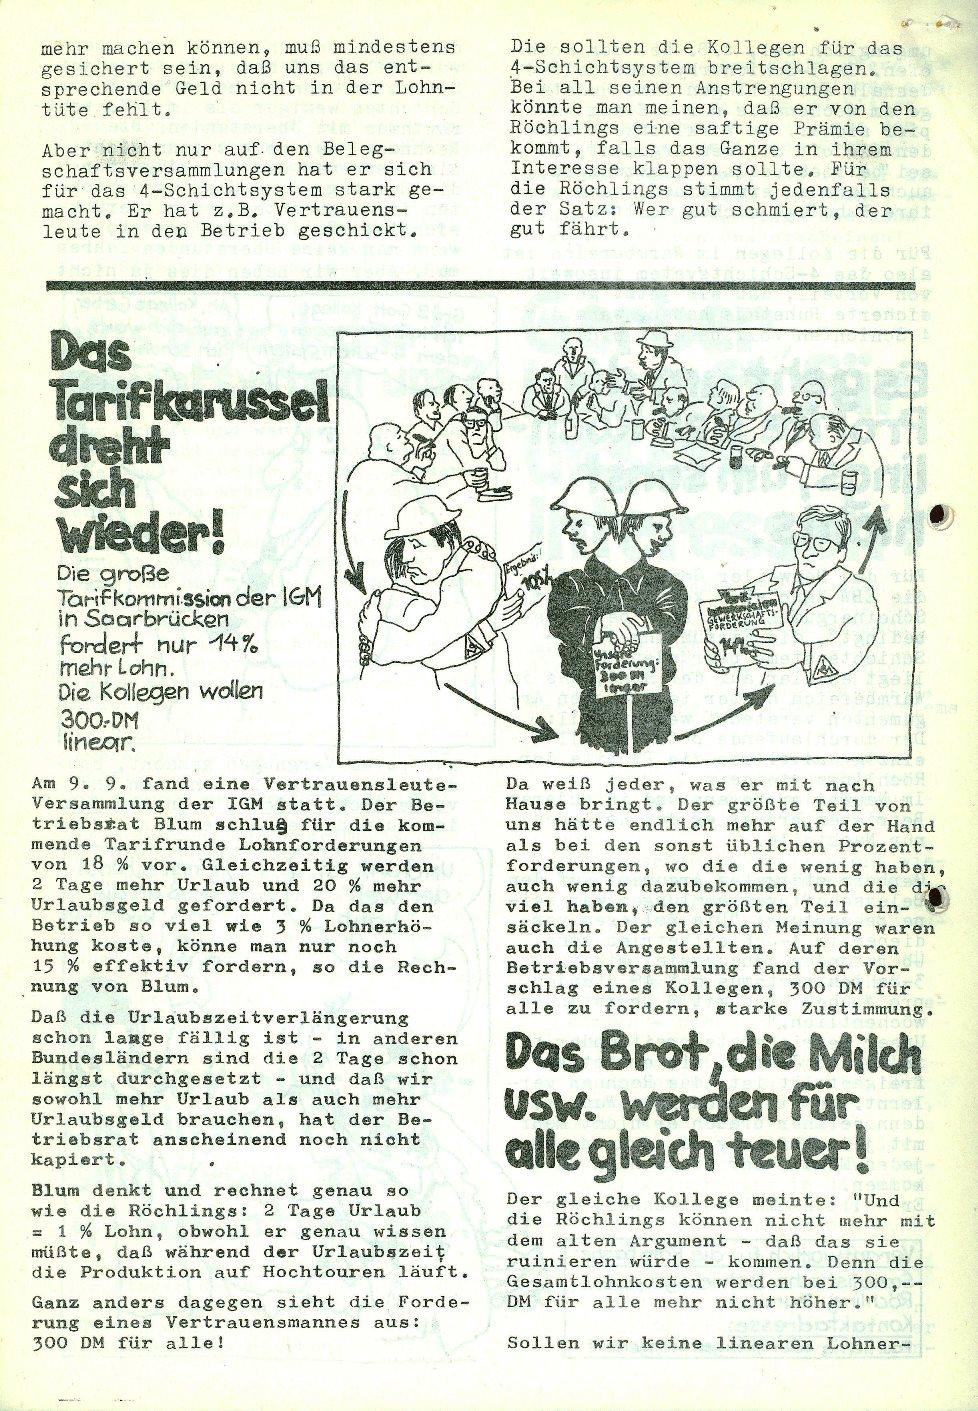 Voelklingen196